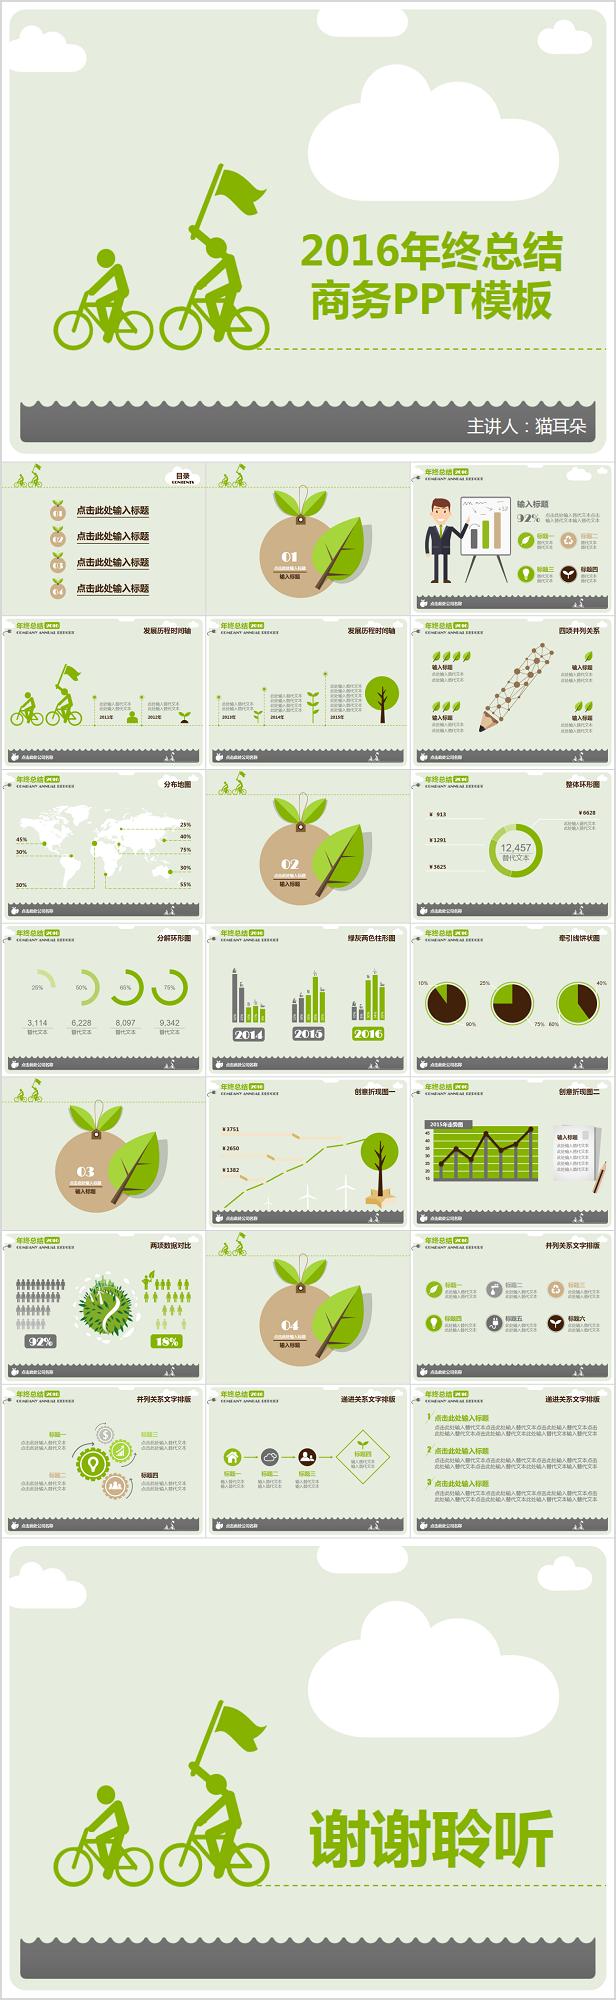 【猫耳朵】绿色清新年终总结模板-静态版